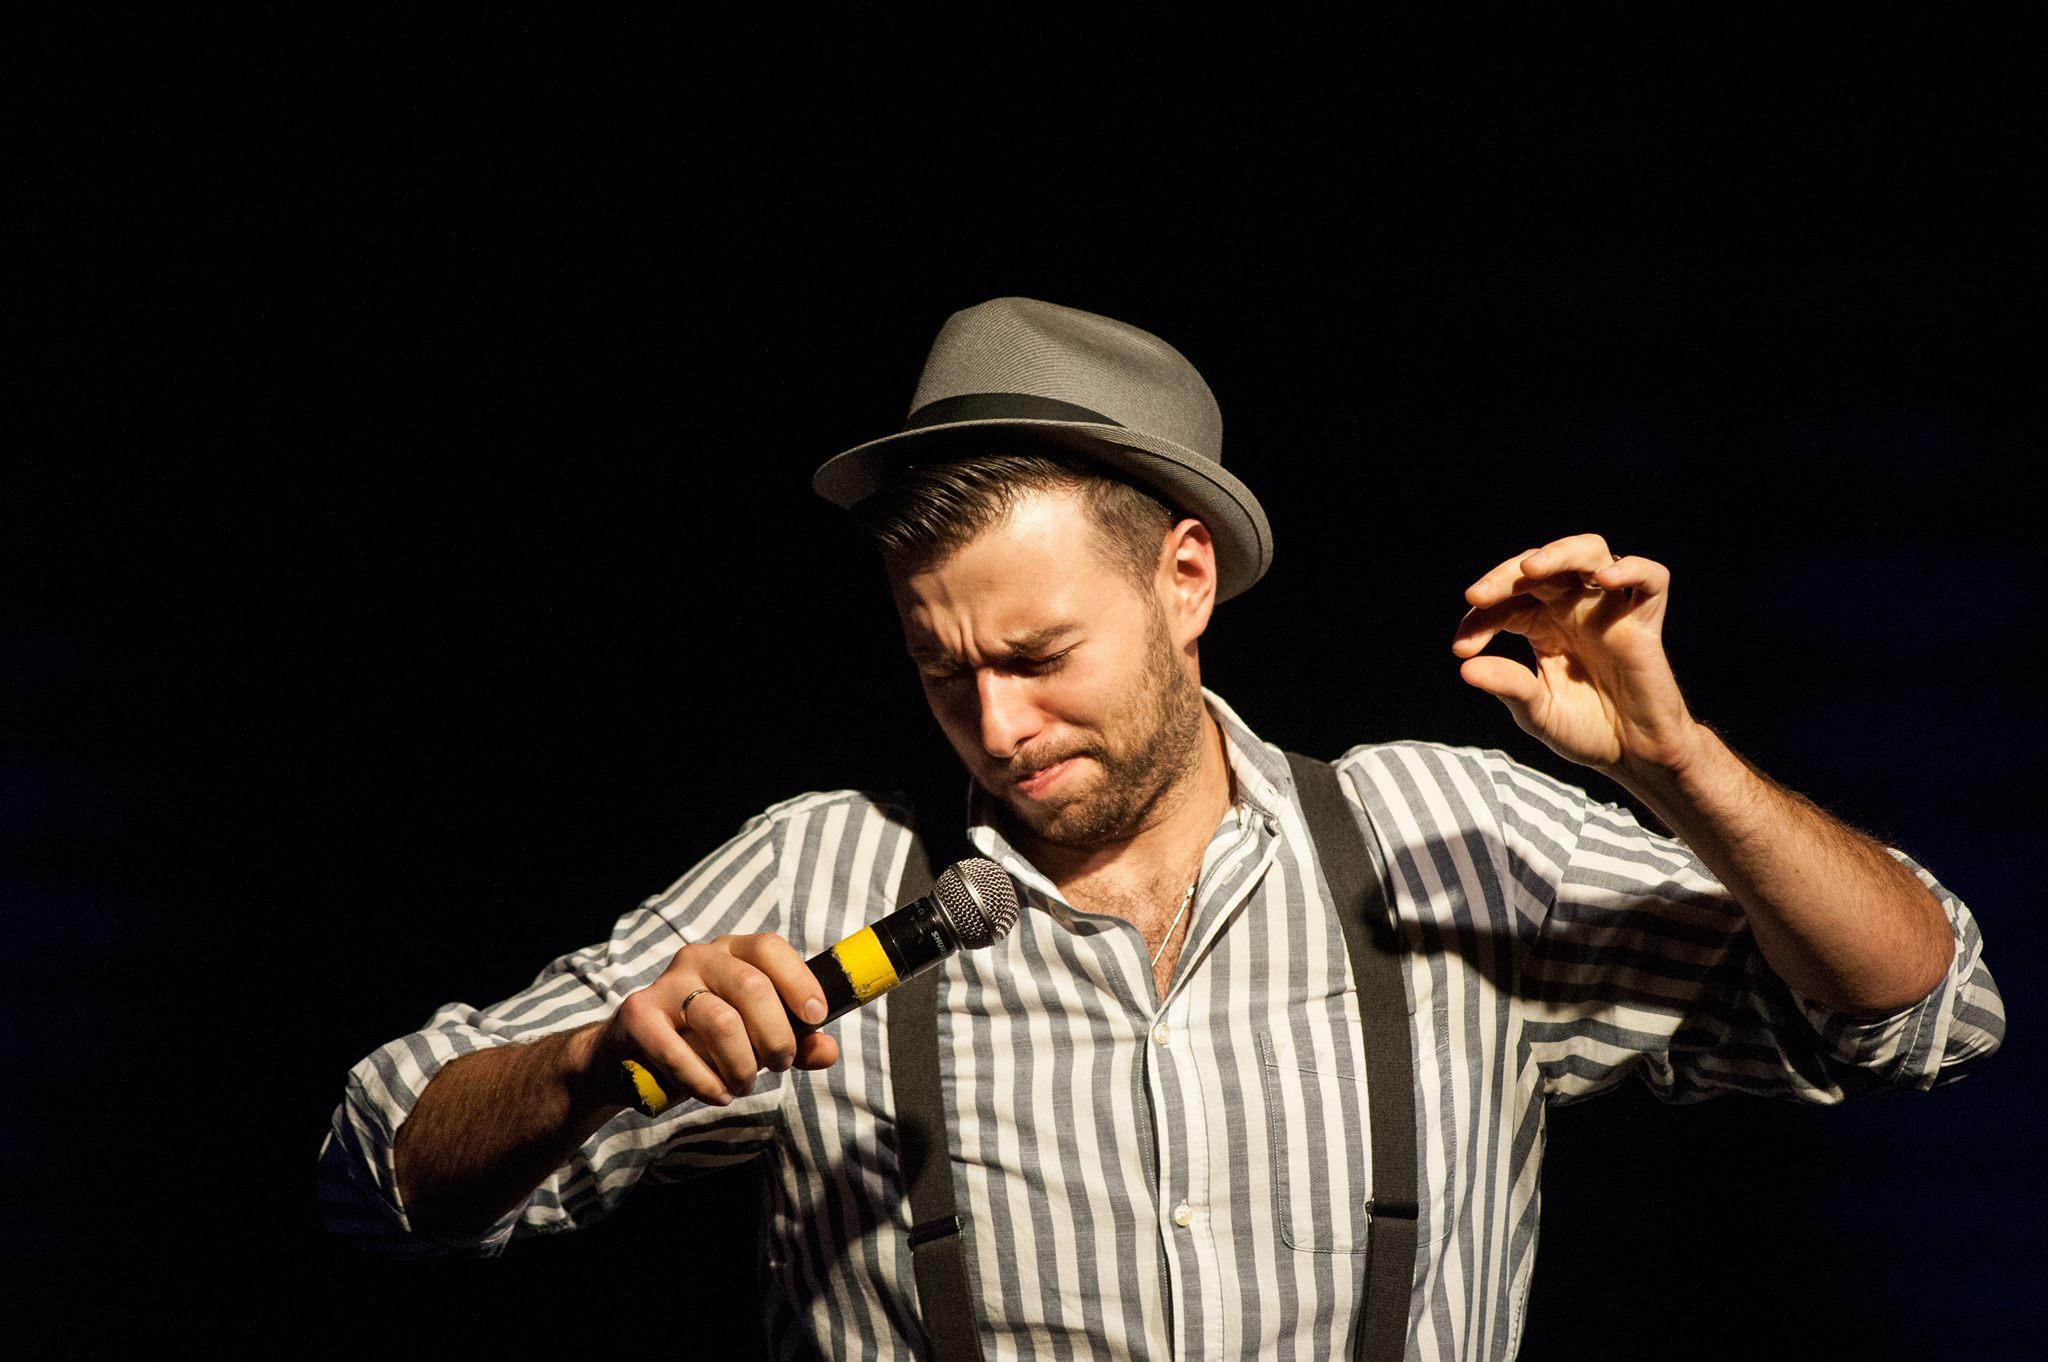 7-й Фестиваль современного еврейского искусства «Шолом Алейхем». Еврейские гангстеры: истории в музыке